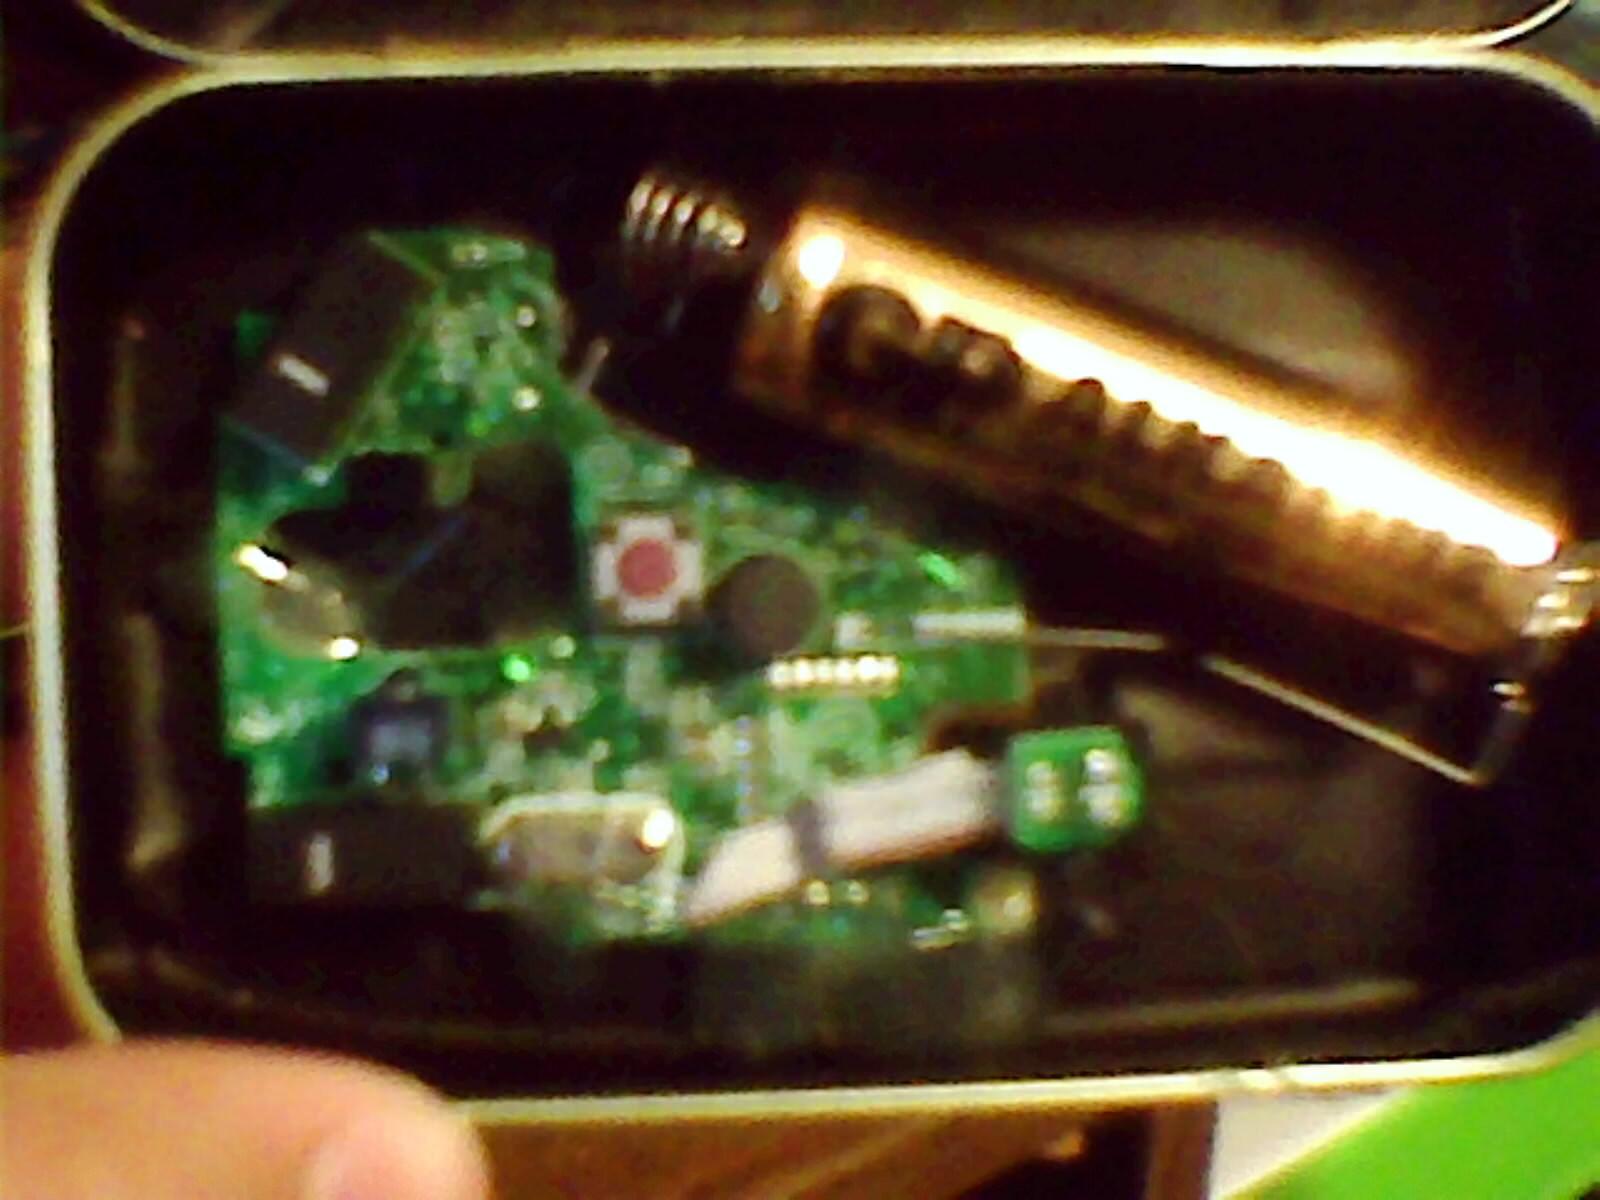 Wireless Altoids Tin Mouse (aka MintyMouse)